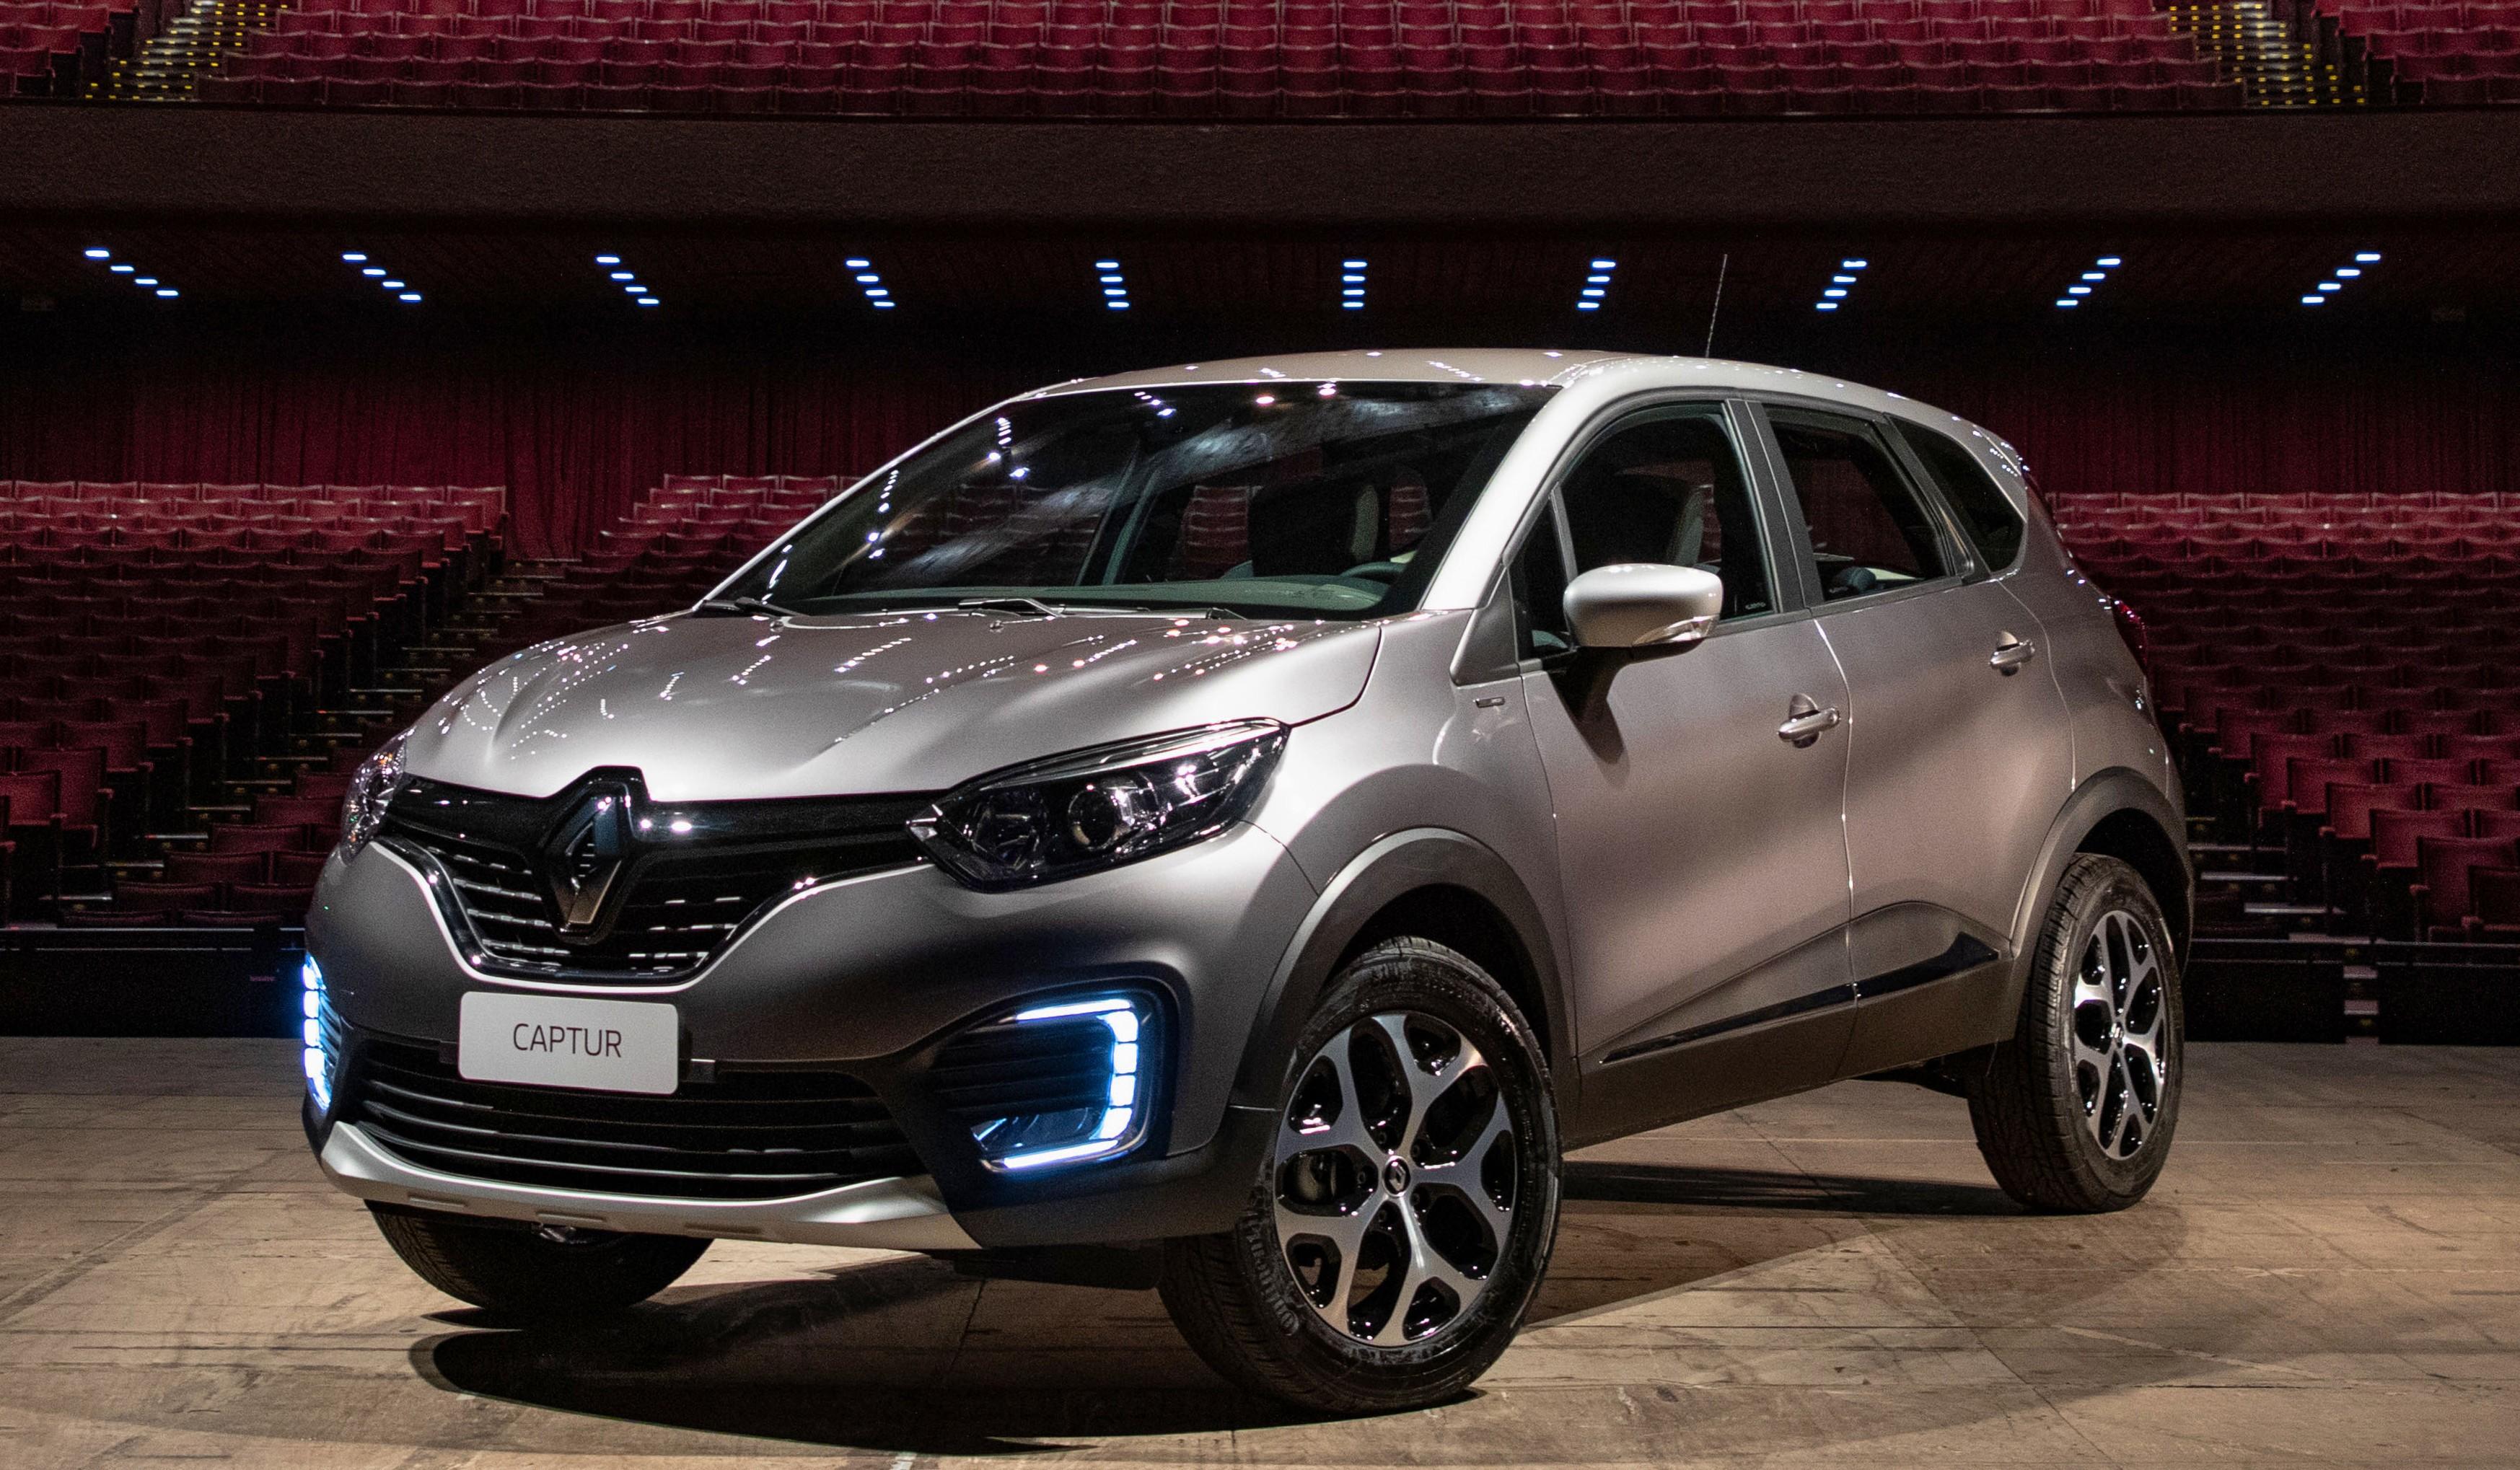 Renault Captur ganha série especial Bose a partir de R$ 95.990